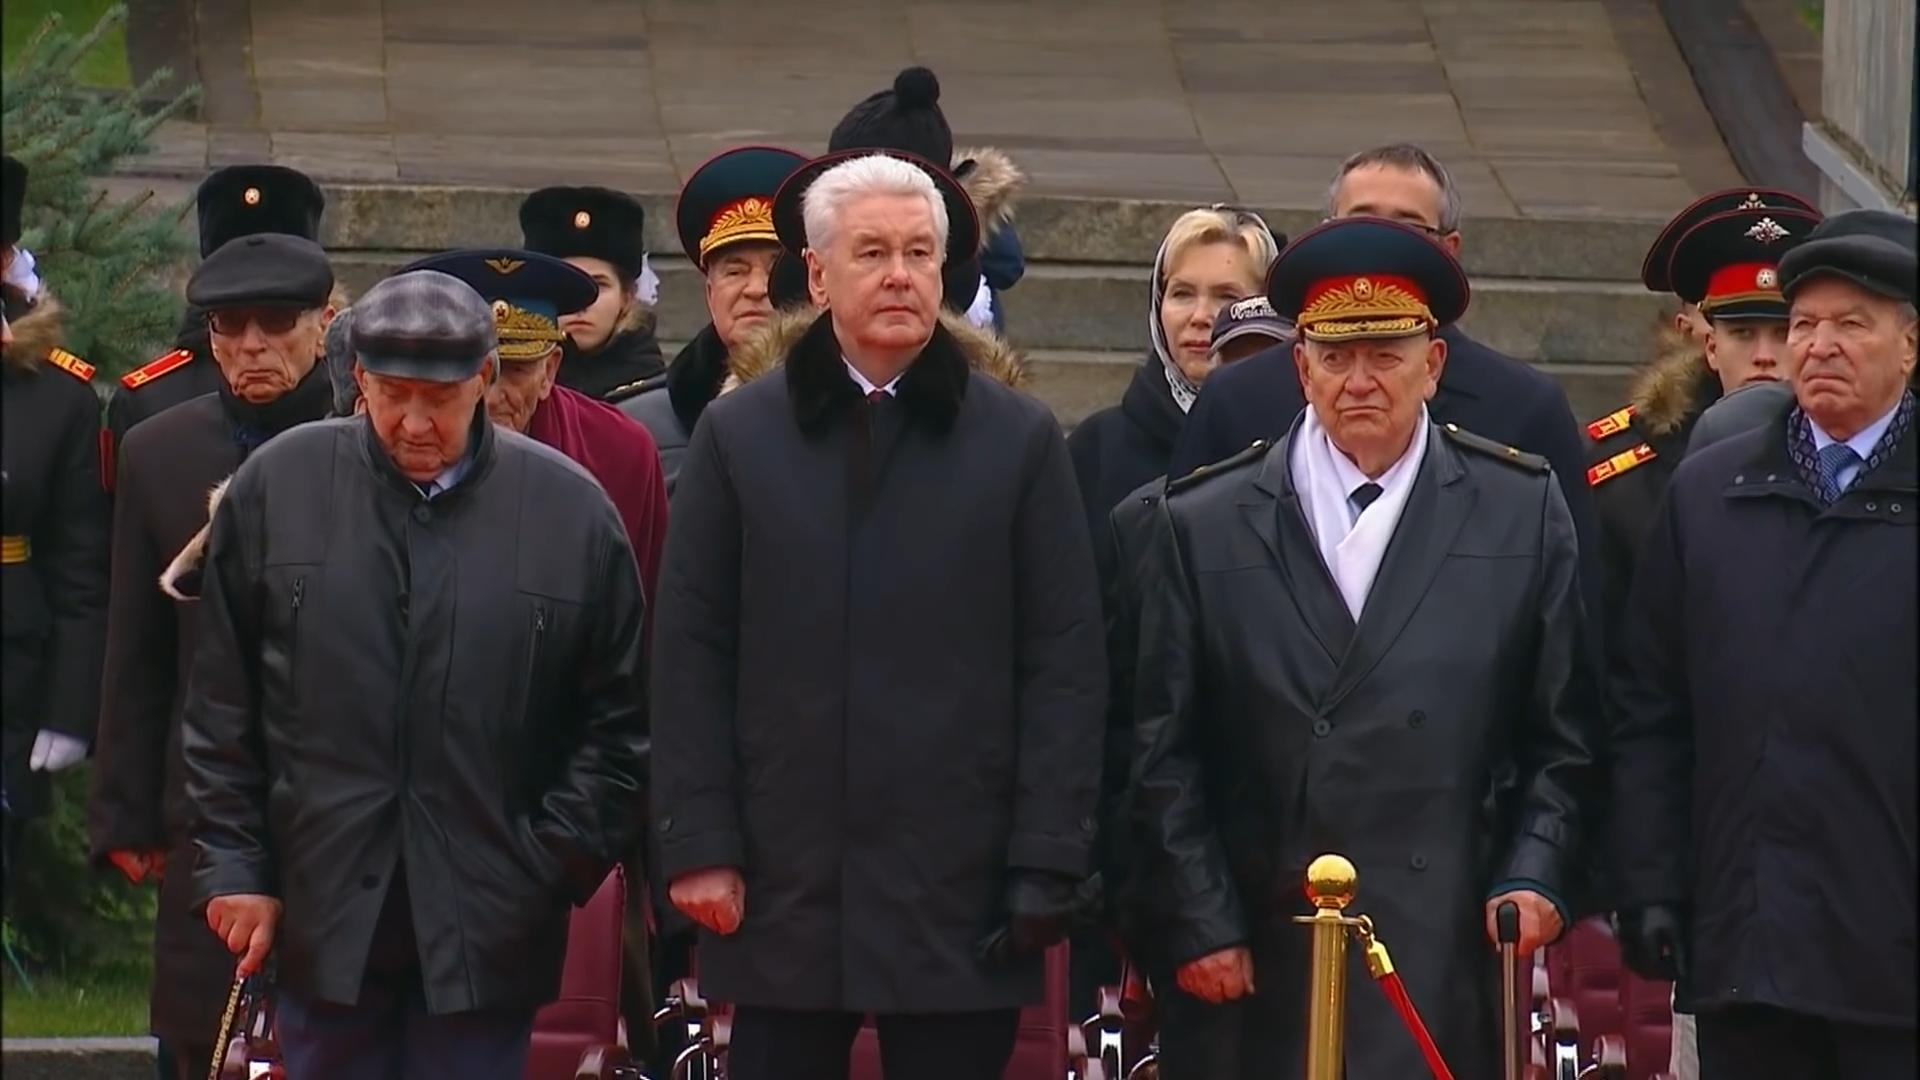 70-Марш в честь годовщины парада на Красной площади 1941-го года в Москве. Прямая трансляция